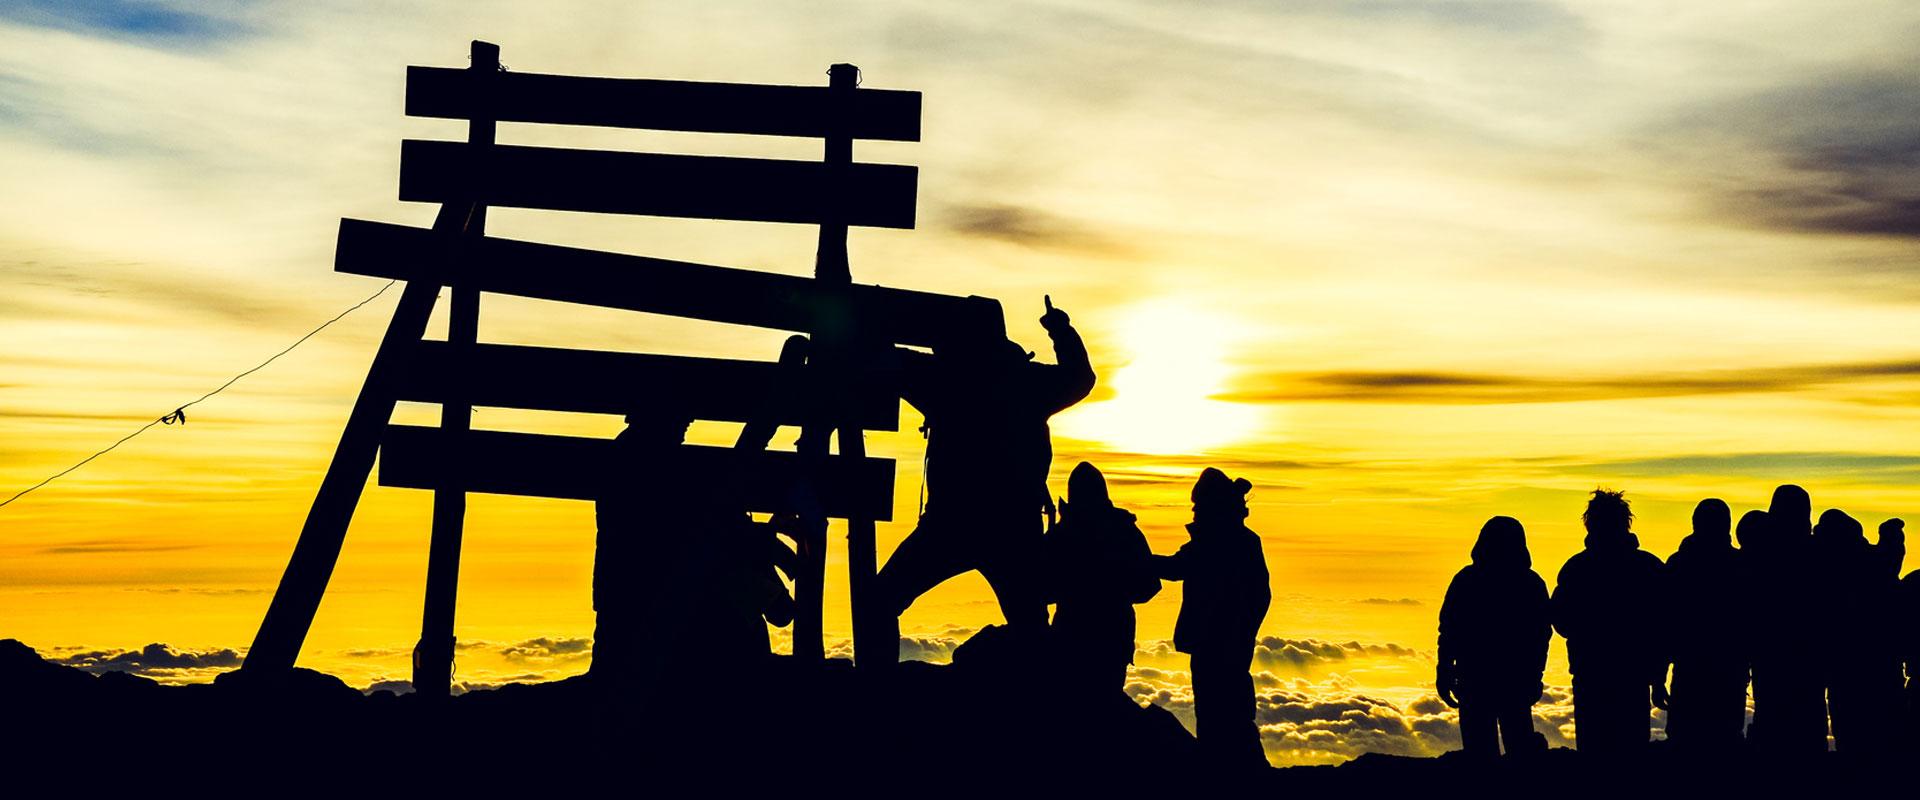 Kilimanjaro Inspiring Stories